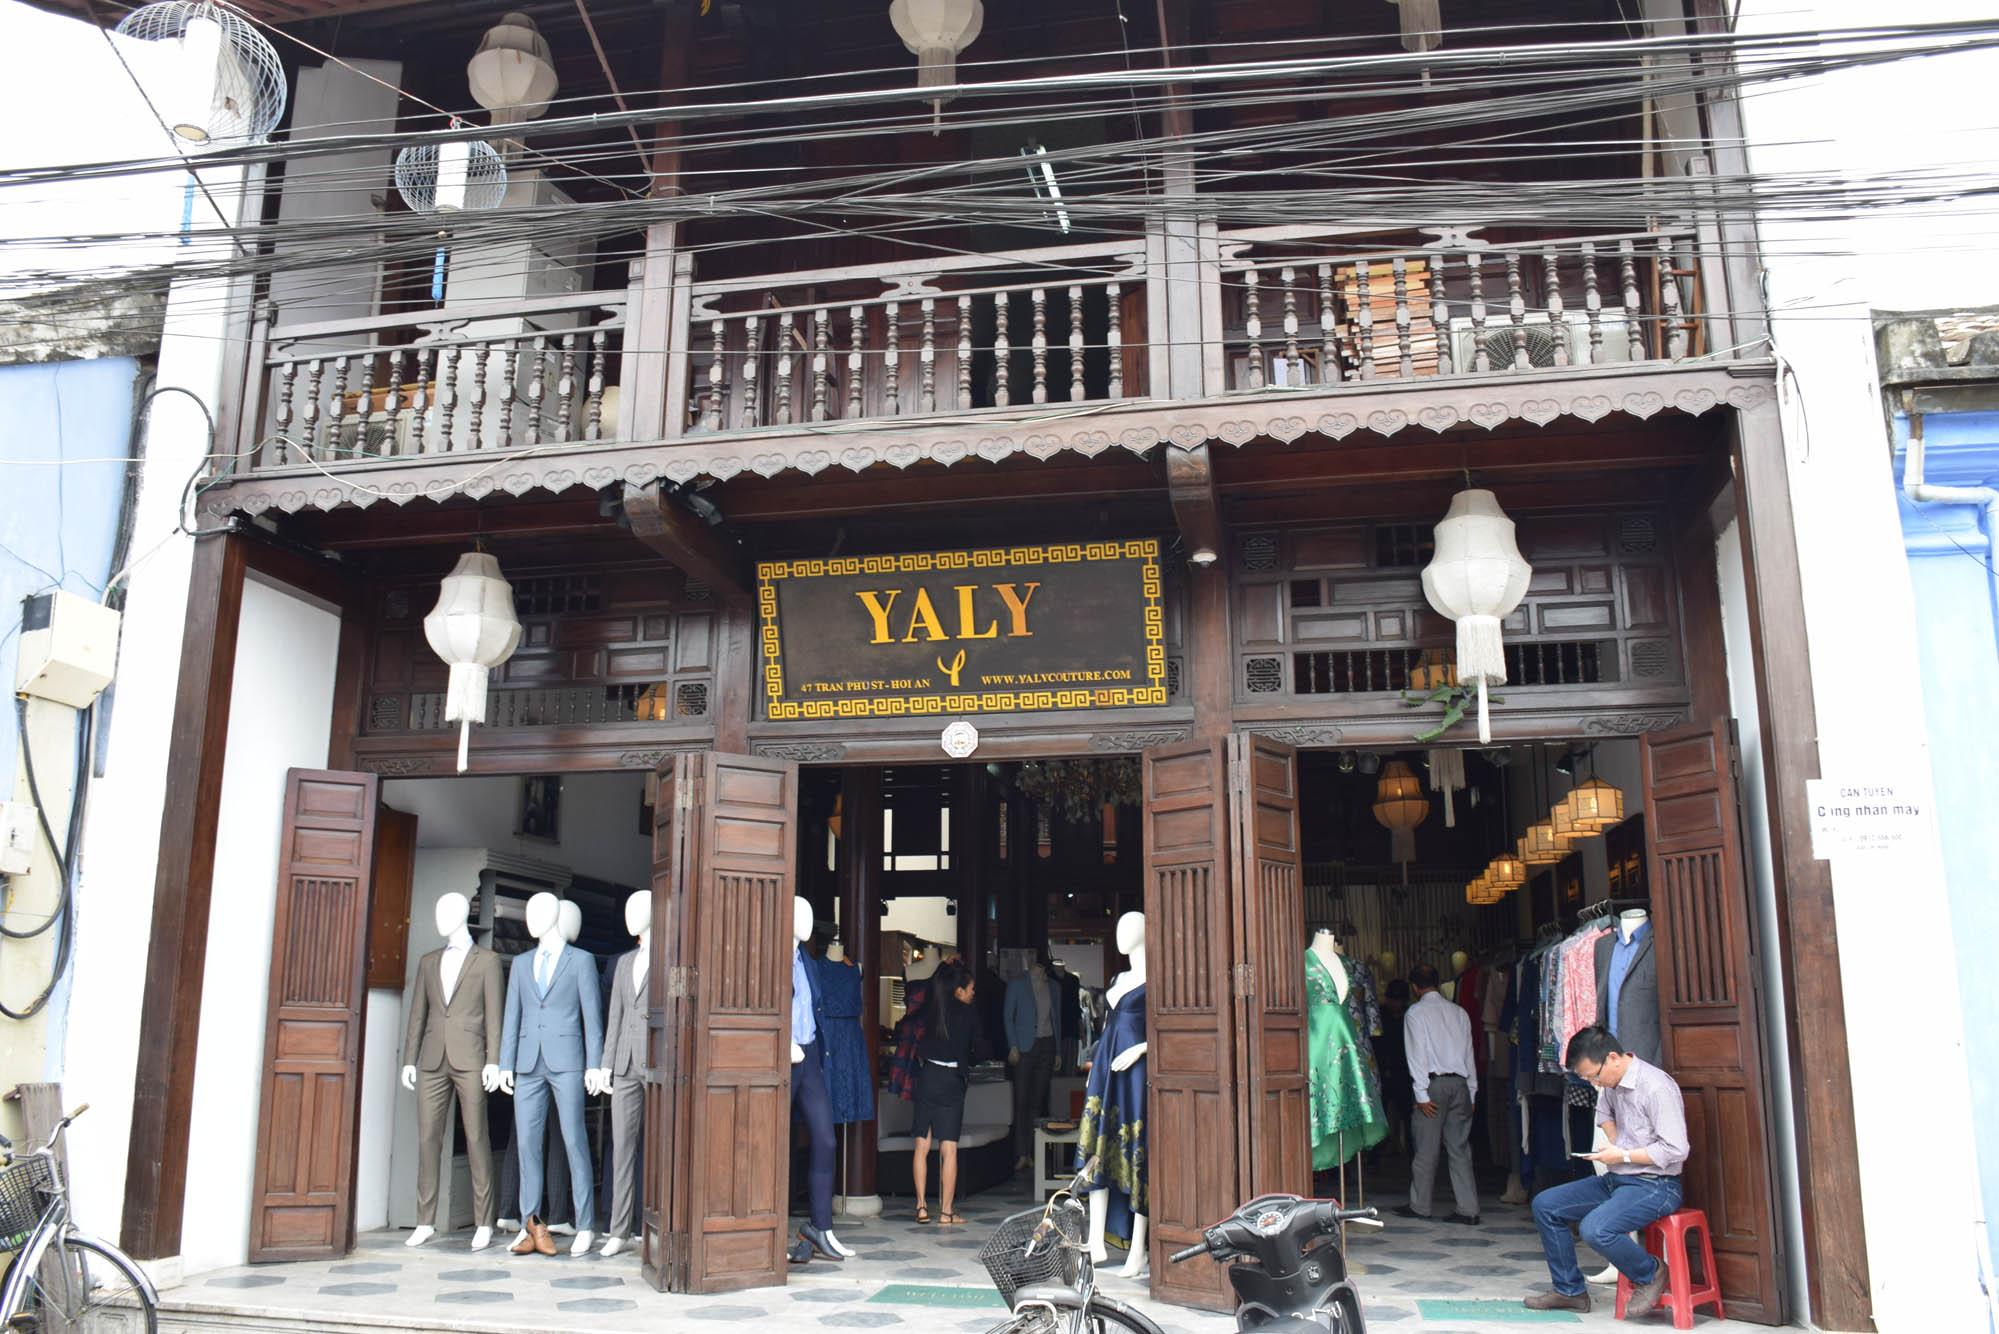 Yaly Couture, Hoi An: onde fizemos um vestido de festa e um terno